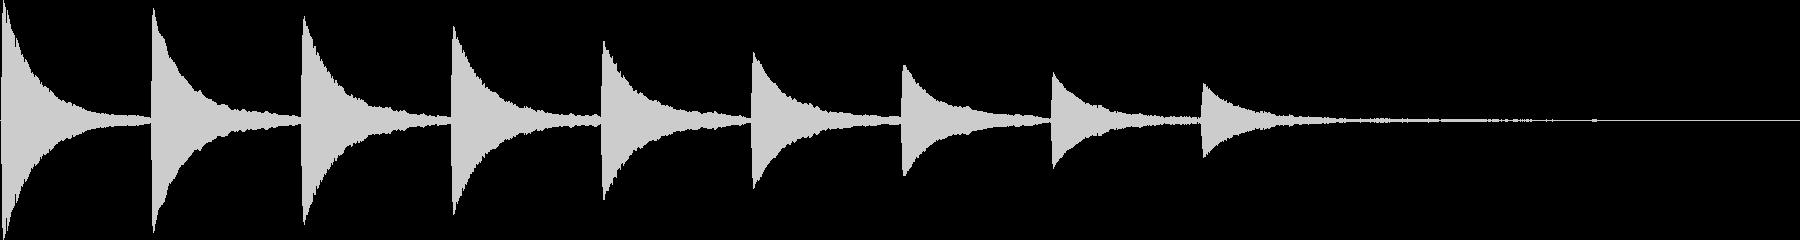 アイキャッチ・テロップ・場面転換・下降の未再生の波形